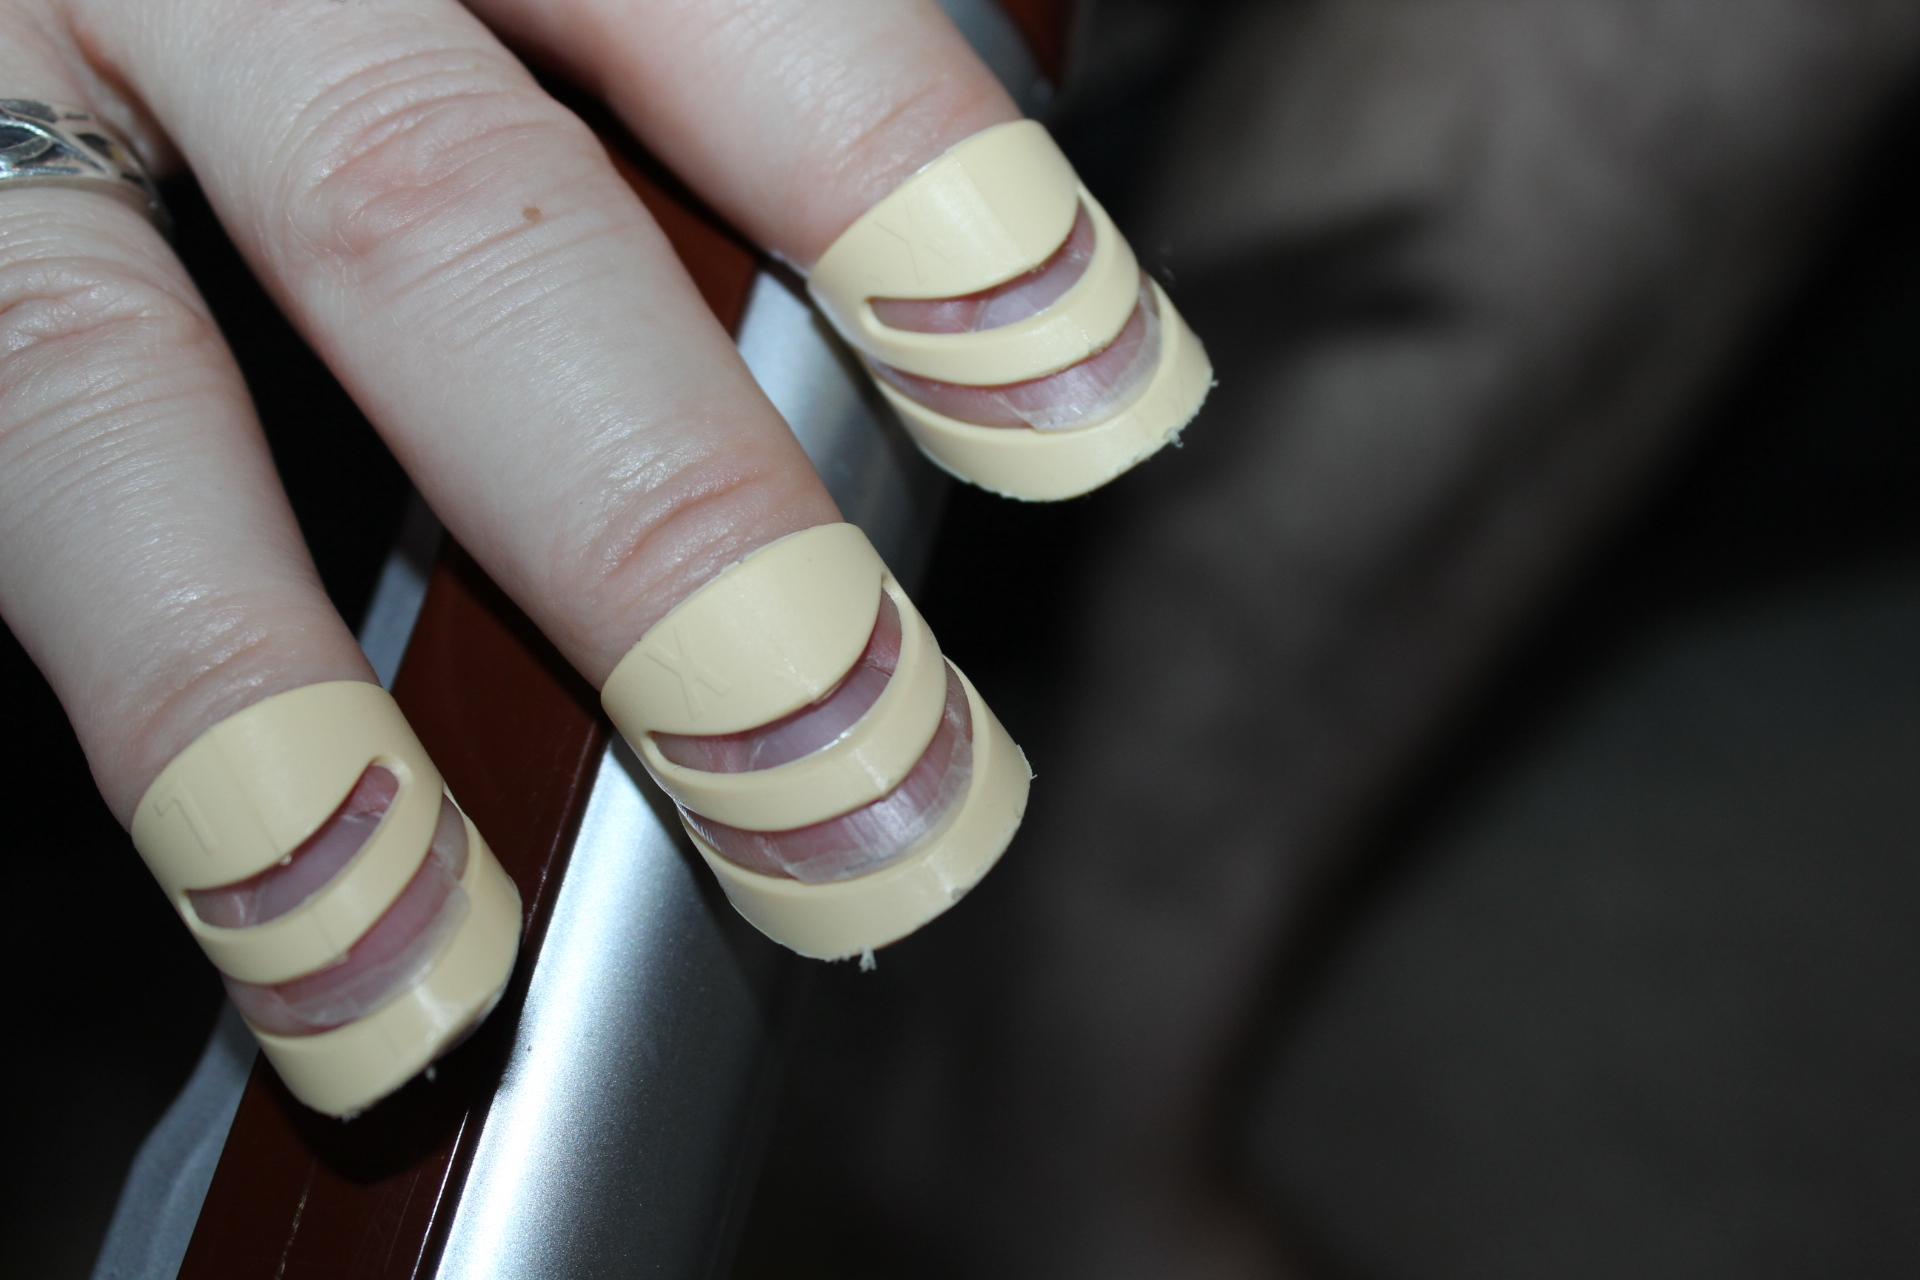 guitar fingerpicking nails best nail designs 2018. Black Bedroom Furniture Sets. Home Design Ideas